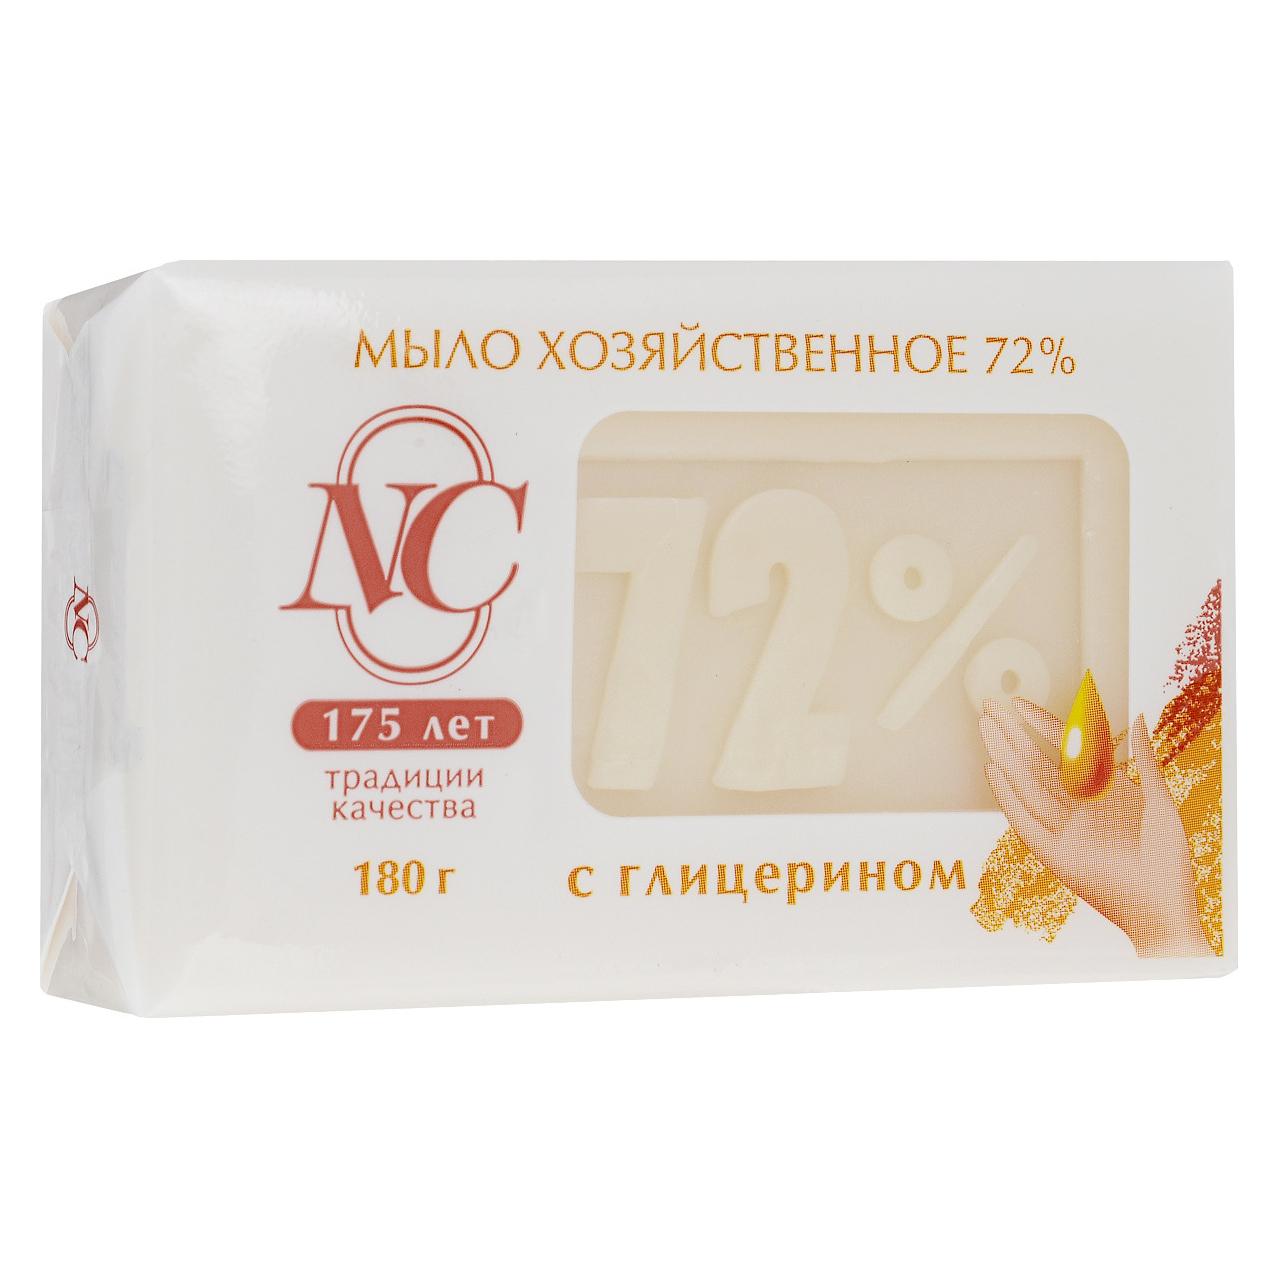 Фото - Традиционное хозяйственное мыло Невская косметика 72% с глицерином 180 г хозяйственное мыло невская косметика солнышко с ароматом лимона 0 14 кг